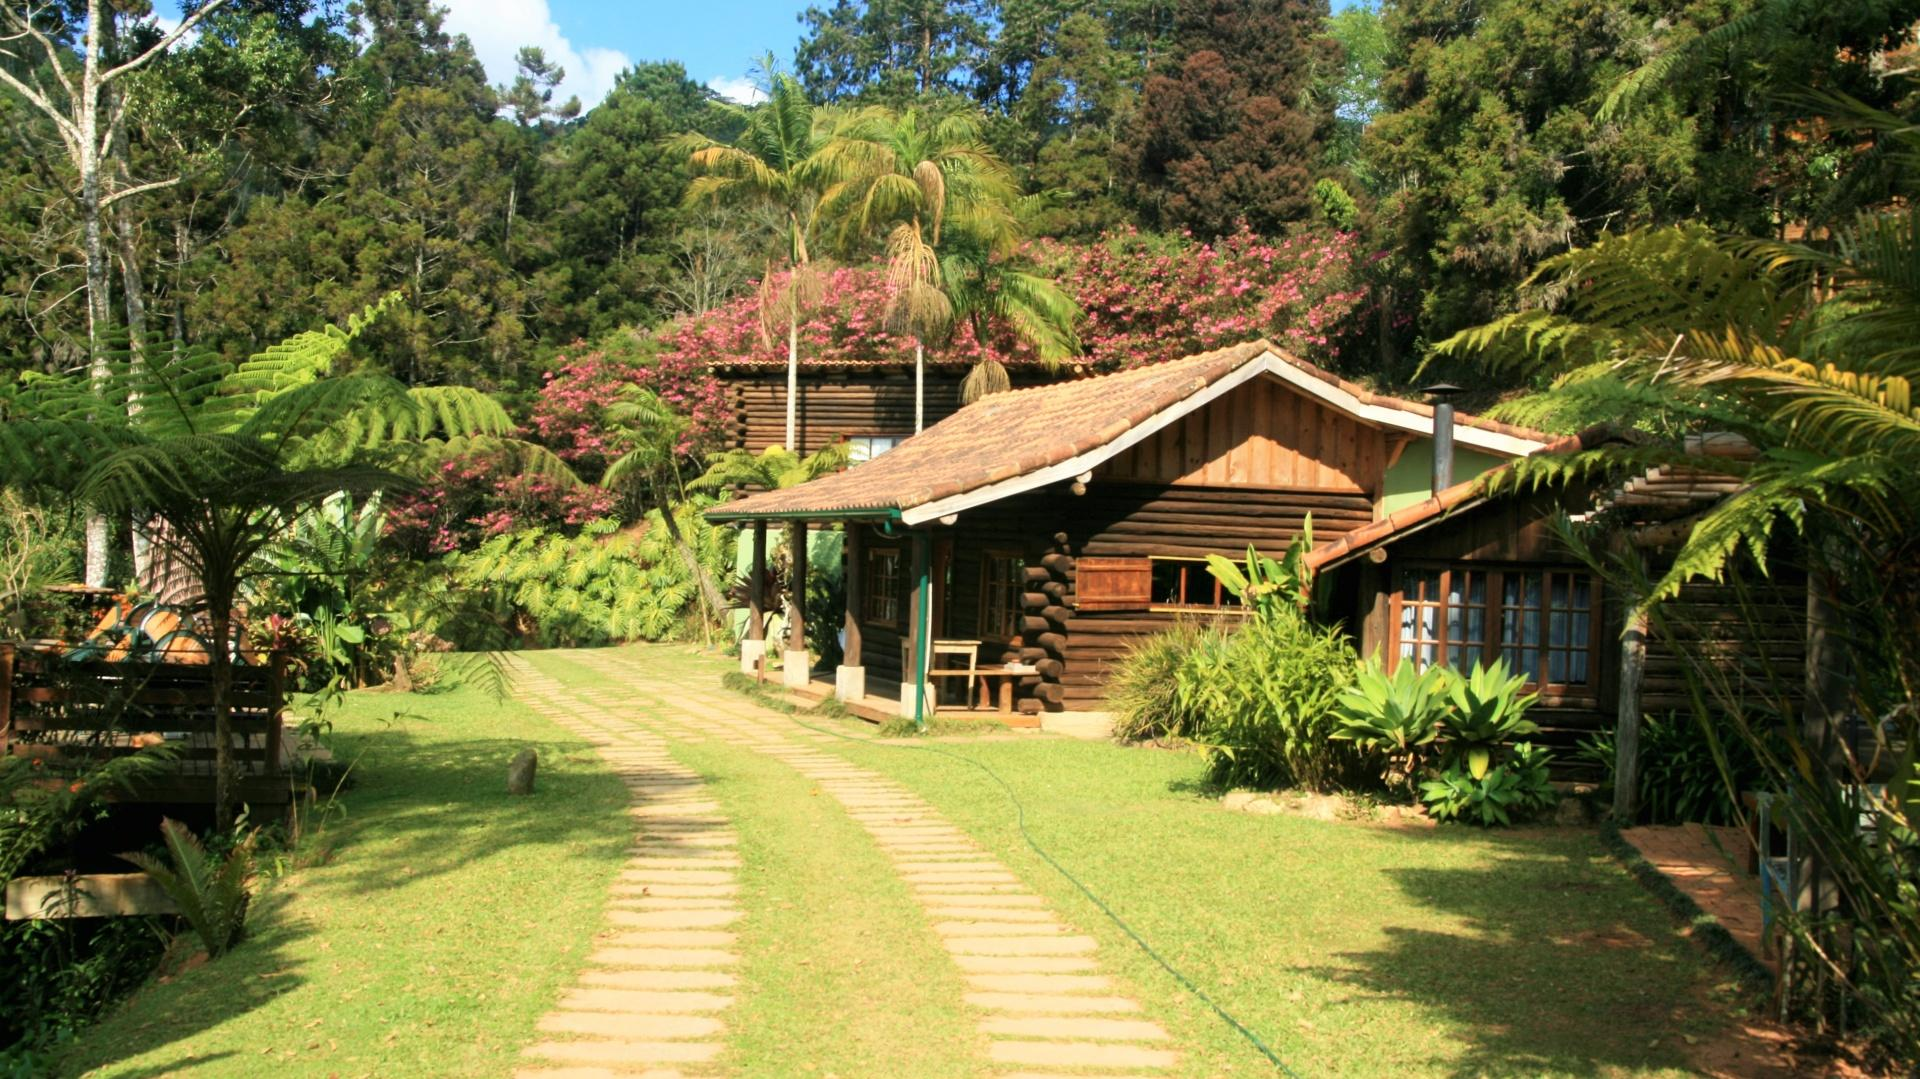 Brasilien Nova Friburgo: Landestypische Unterkunft - Eco Lodge Itororo